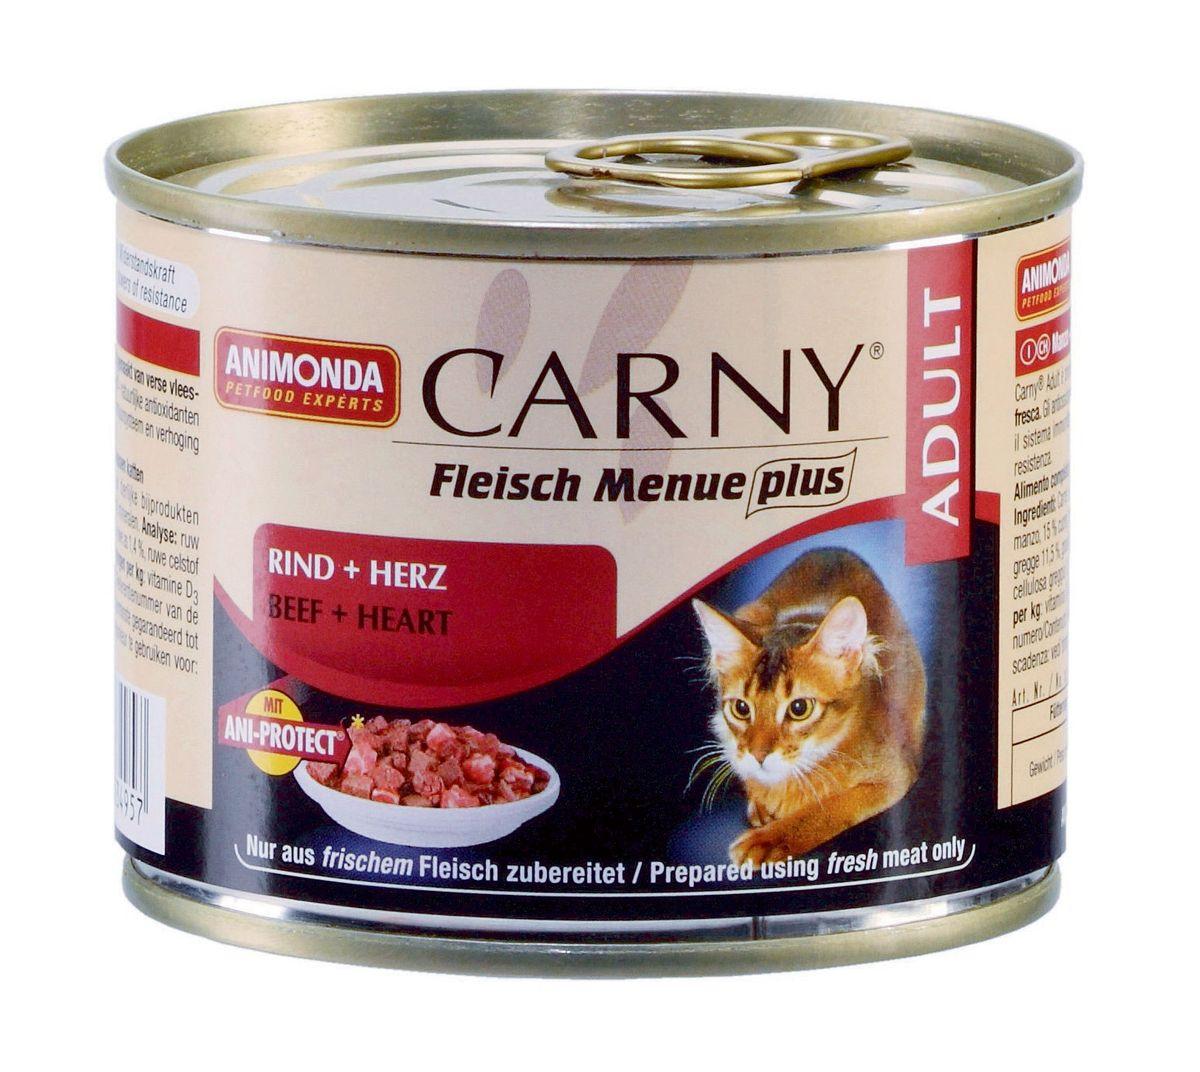 Консервы Animonda Carny для взрослых кошек, с говядиной и сердцем, 200 г